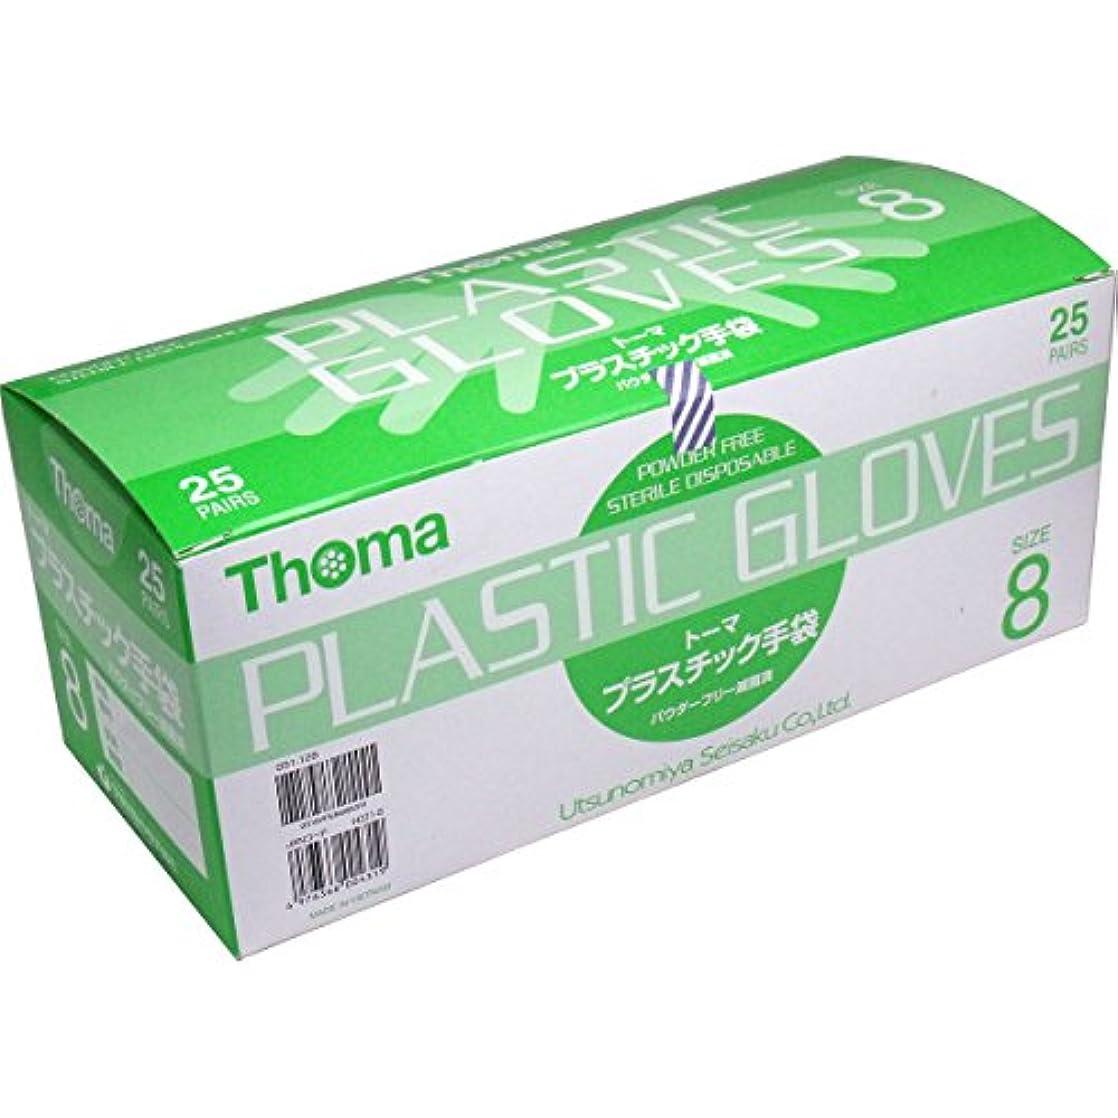 再開かみそりお願いしますポリ塩化ビニル製 手袋 1双毎に滅菌包装、衛生的 人気商品 トーマ プラスチック手袋 パウダーフリー滅菌済 25双入 サイズ8